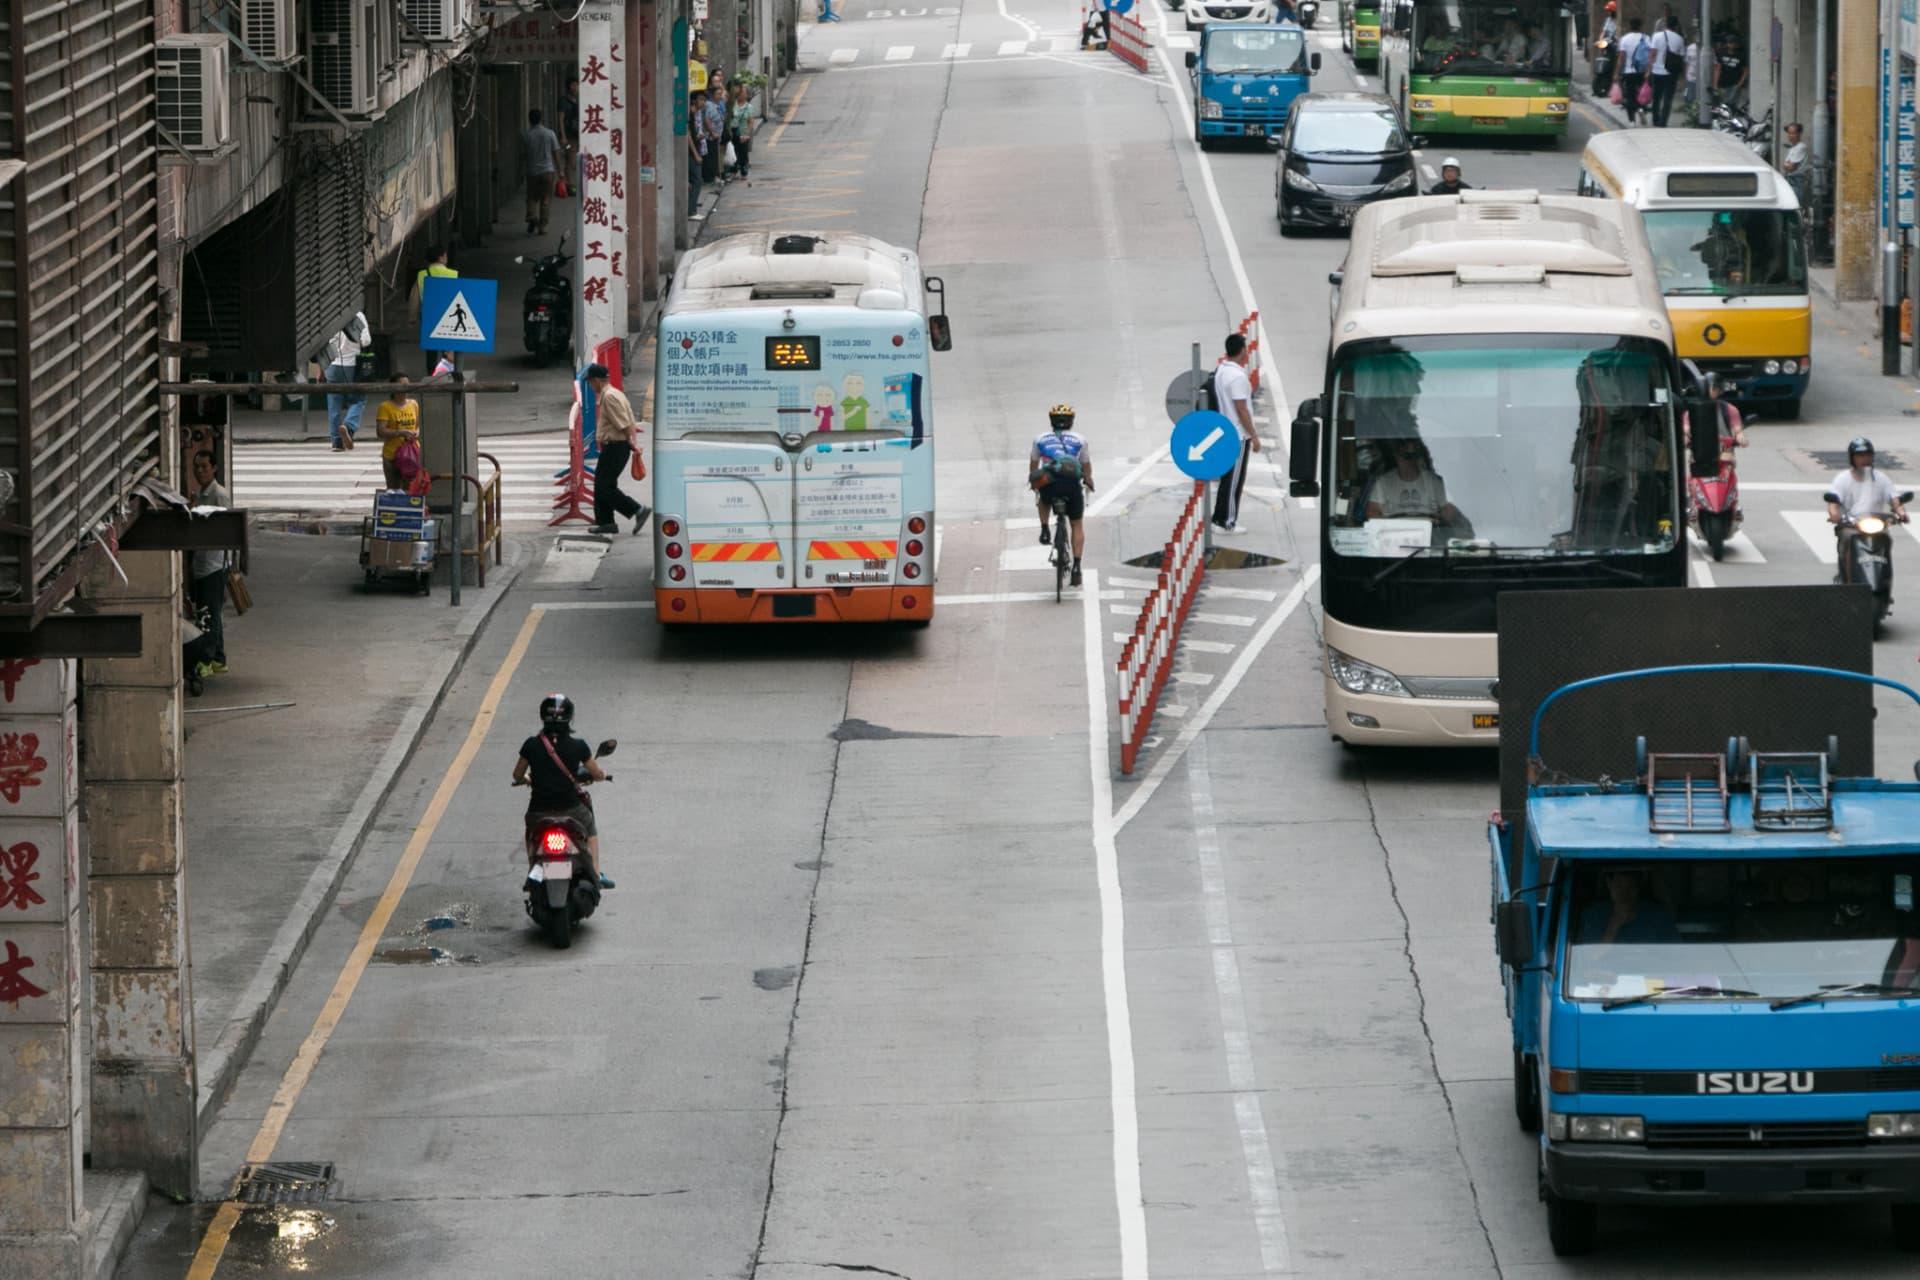 公交專道試行期間,有電單車駕駛者誤闖專道。